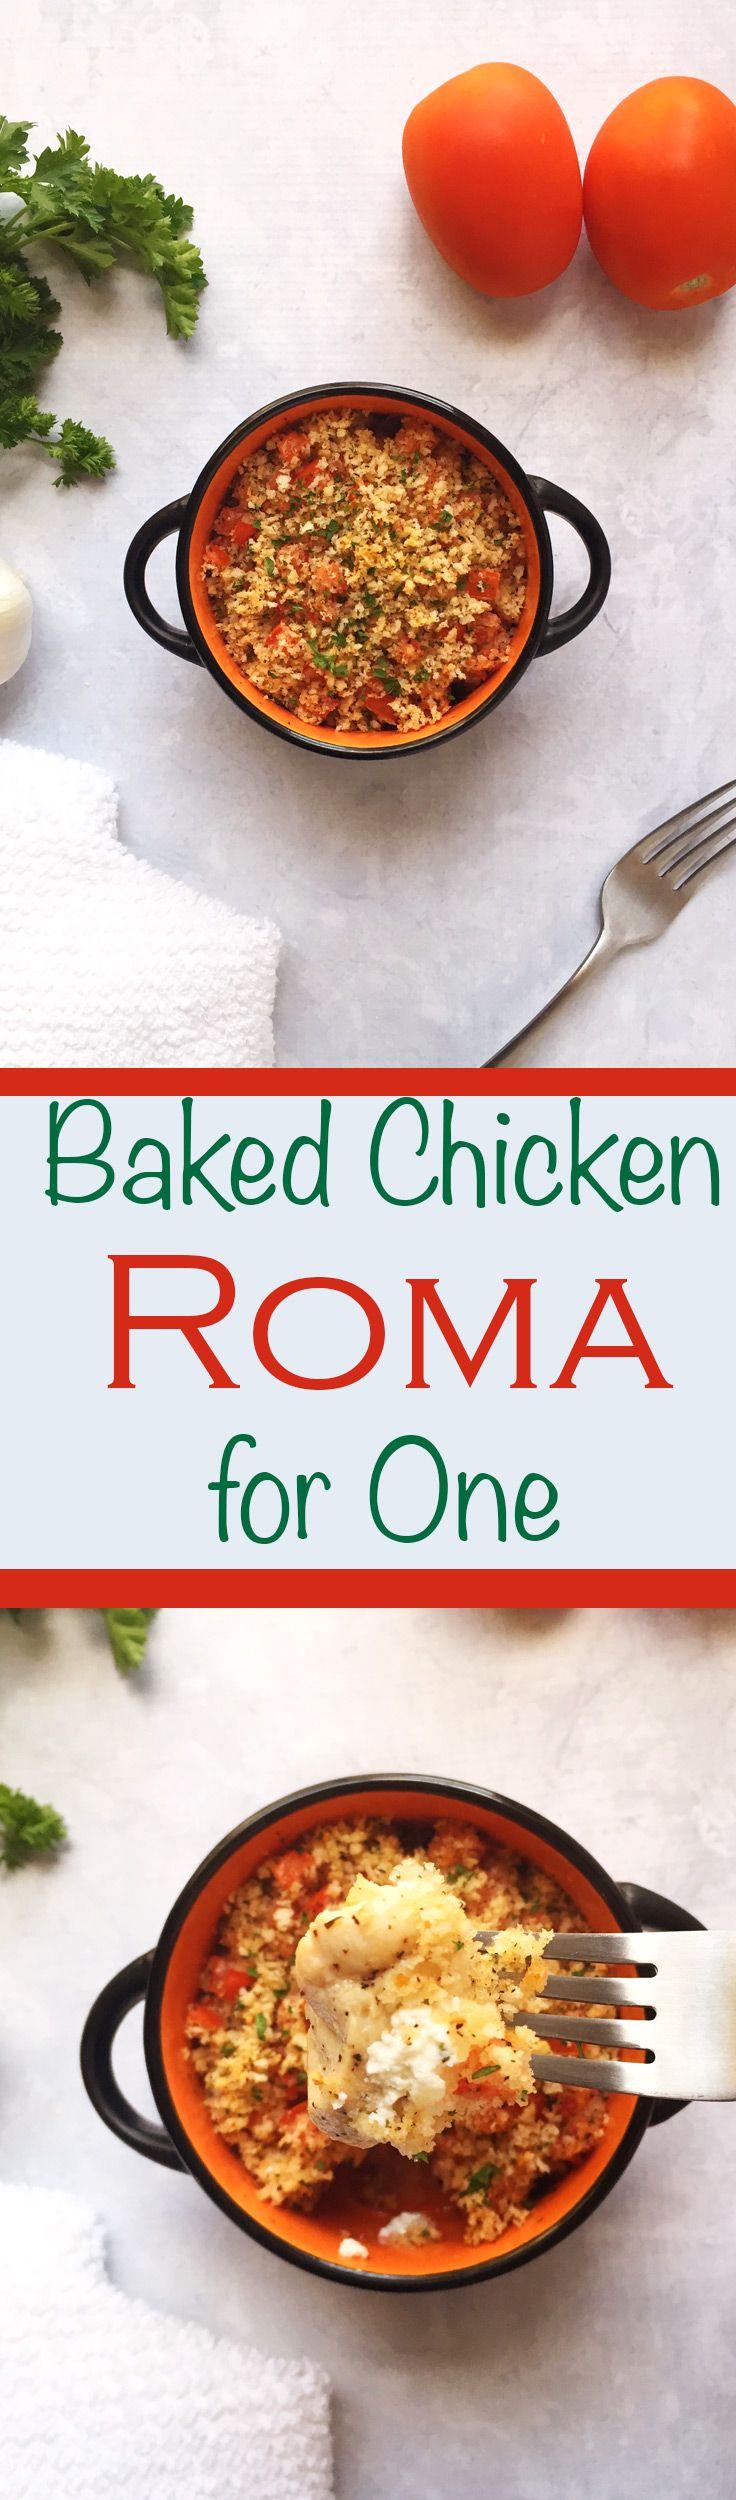 Easy breakfast ramekin recipes for one